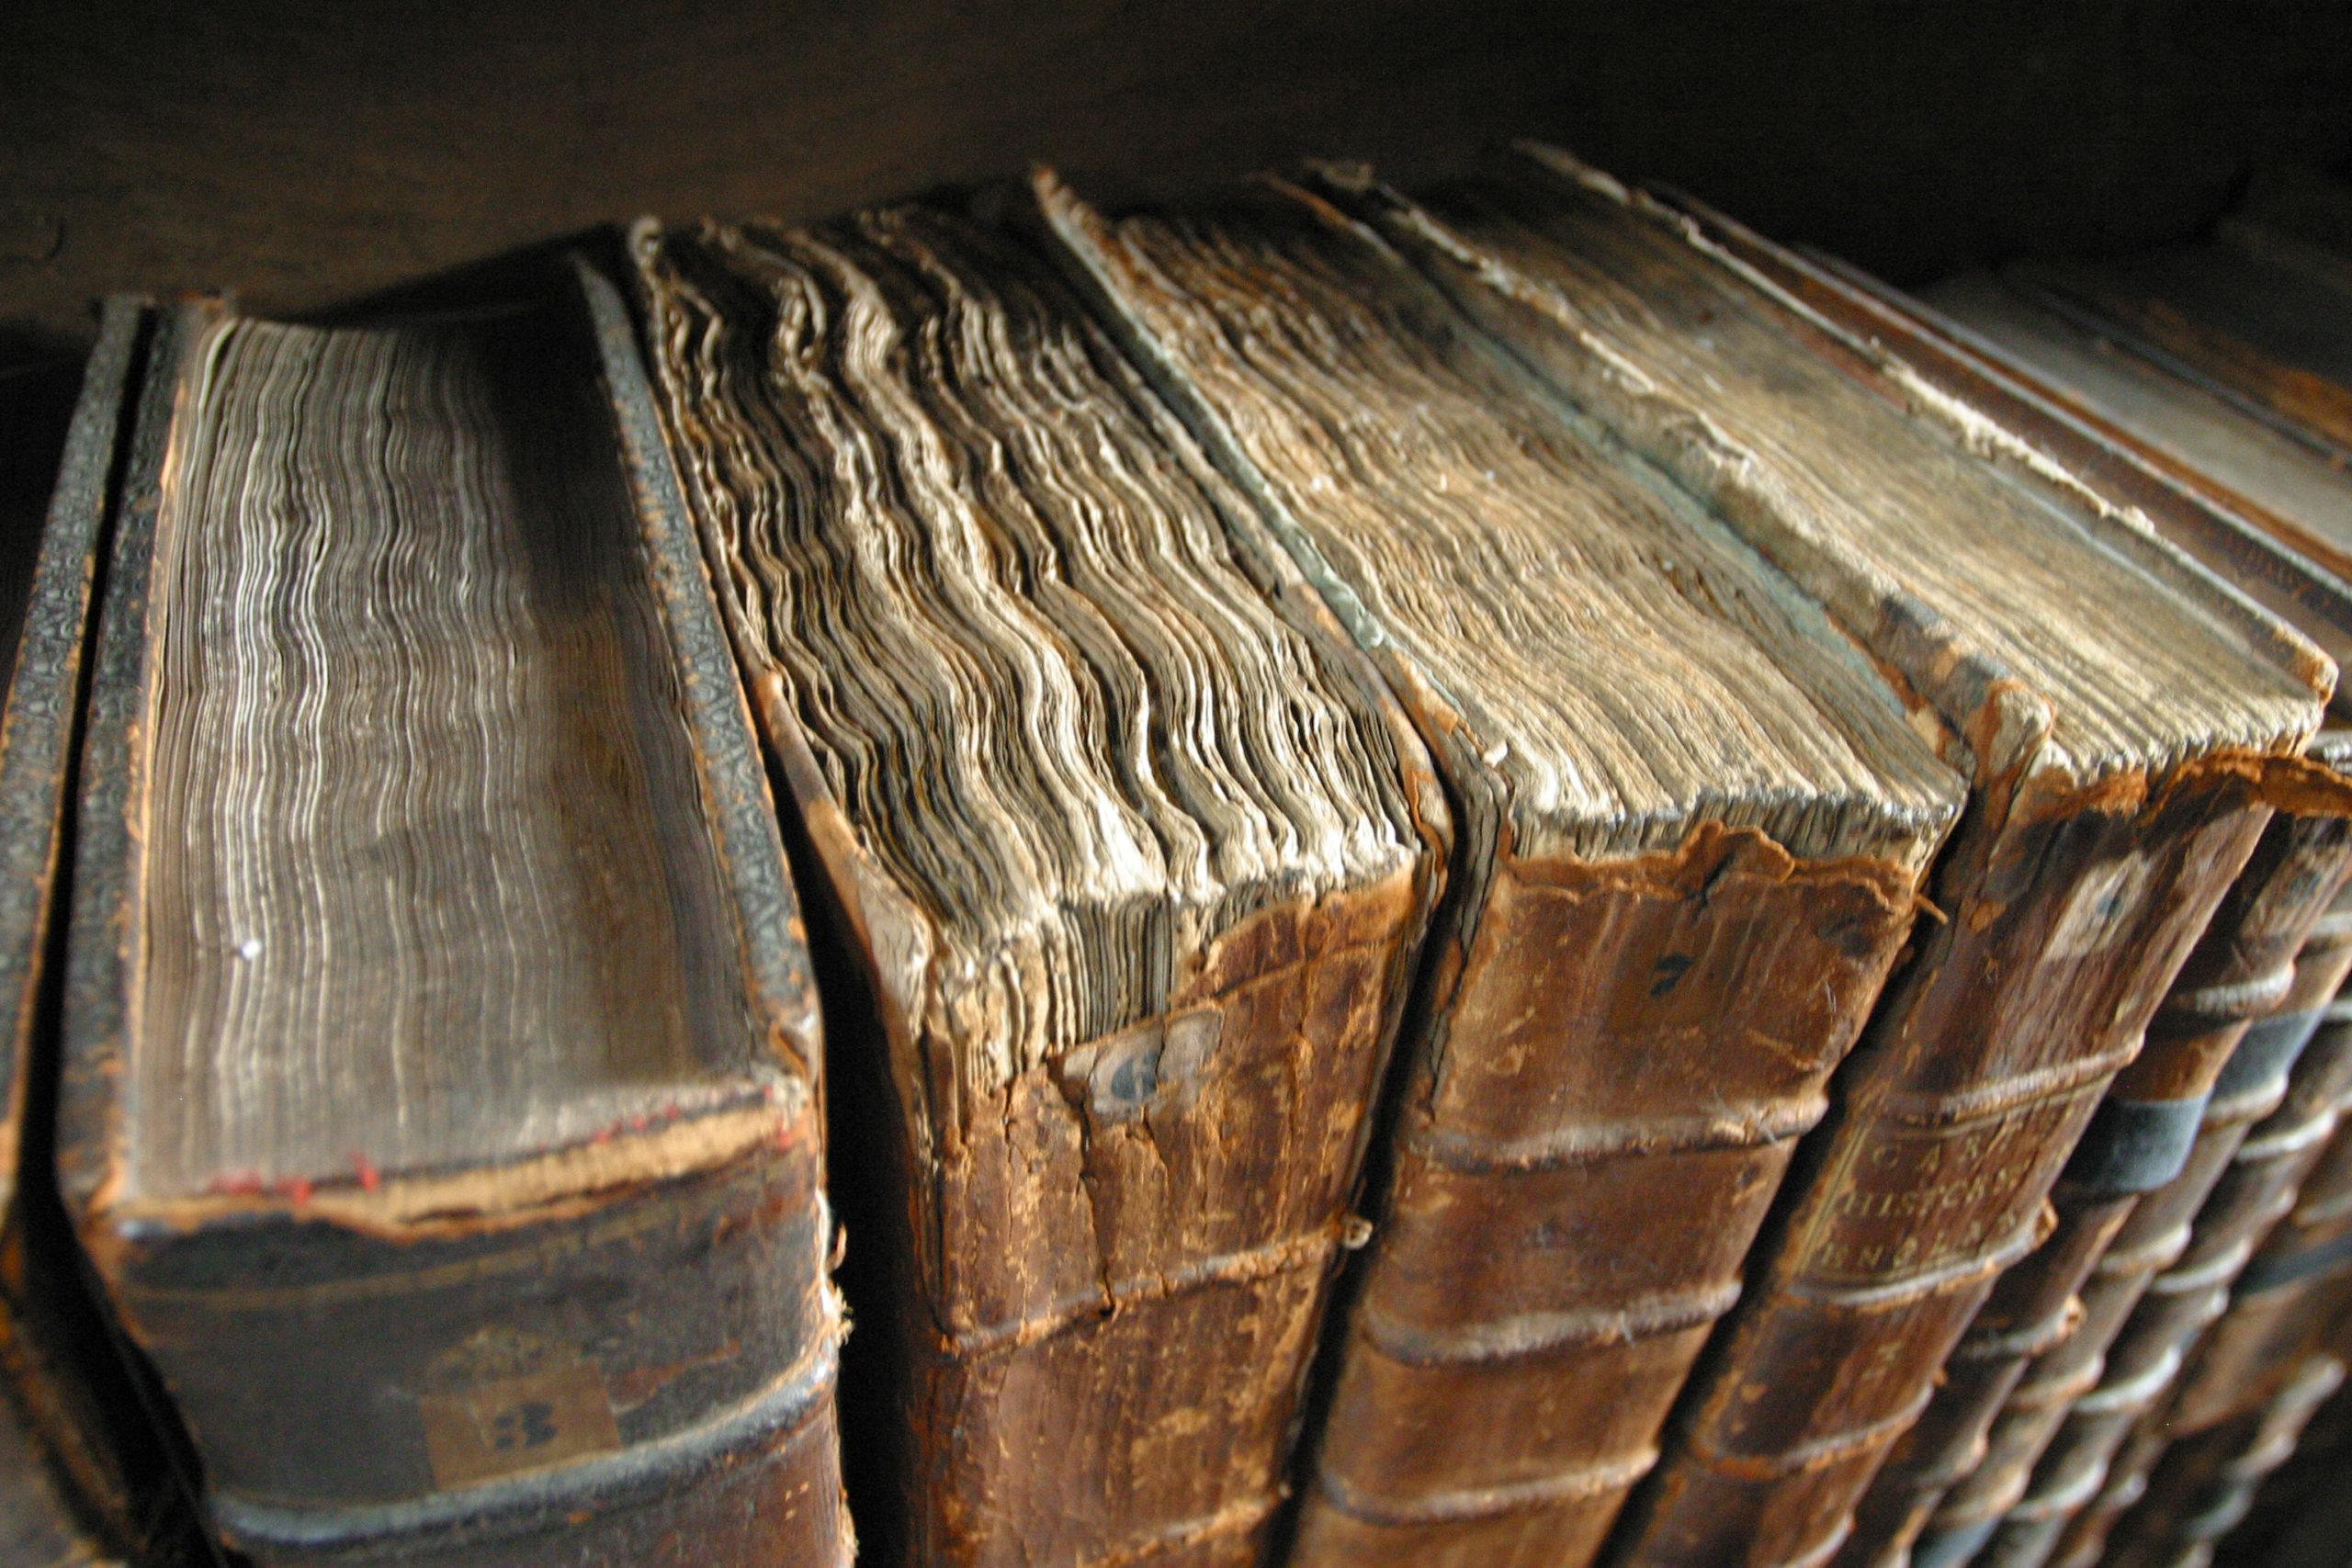 Reliures de livres anciens, à la bibliothèque du Merton College, à Oxford (Angleterre)